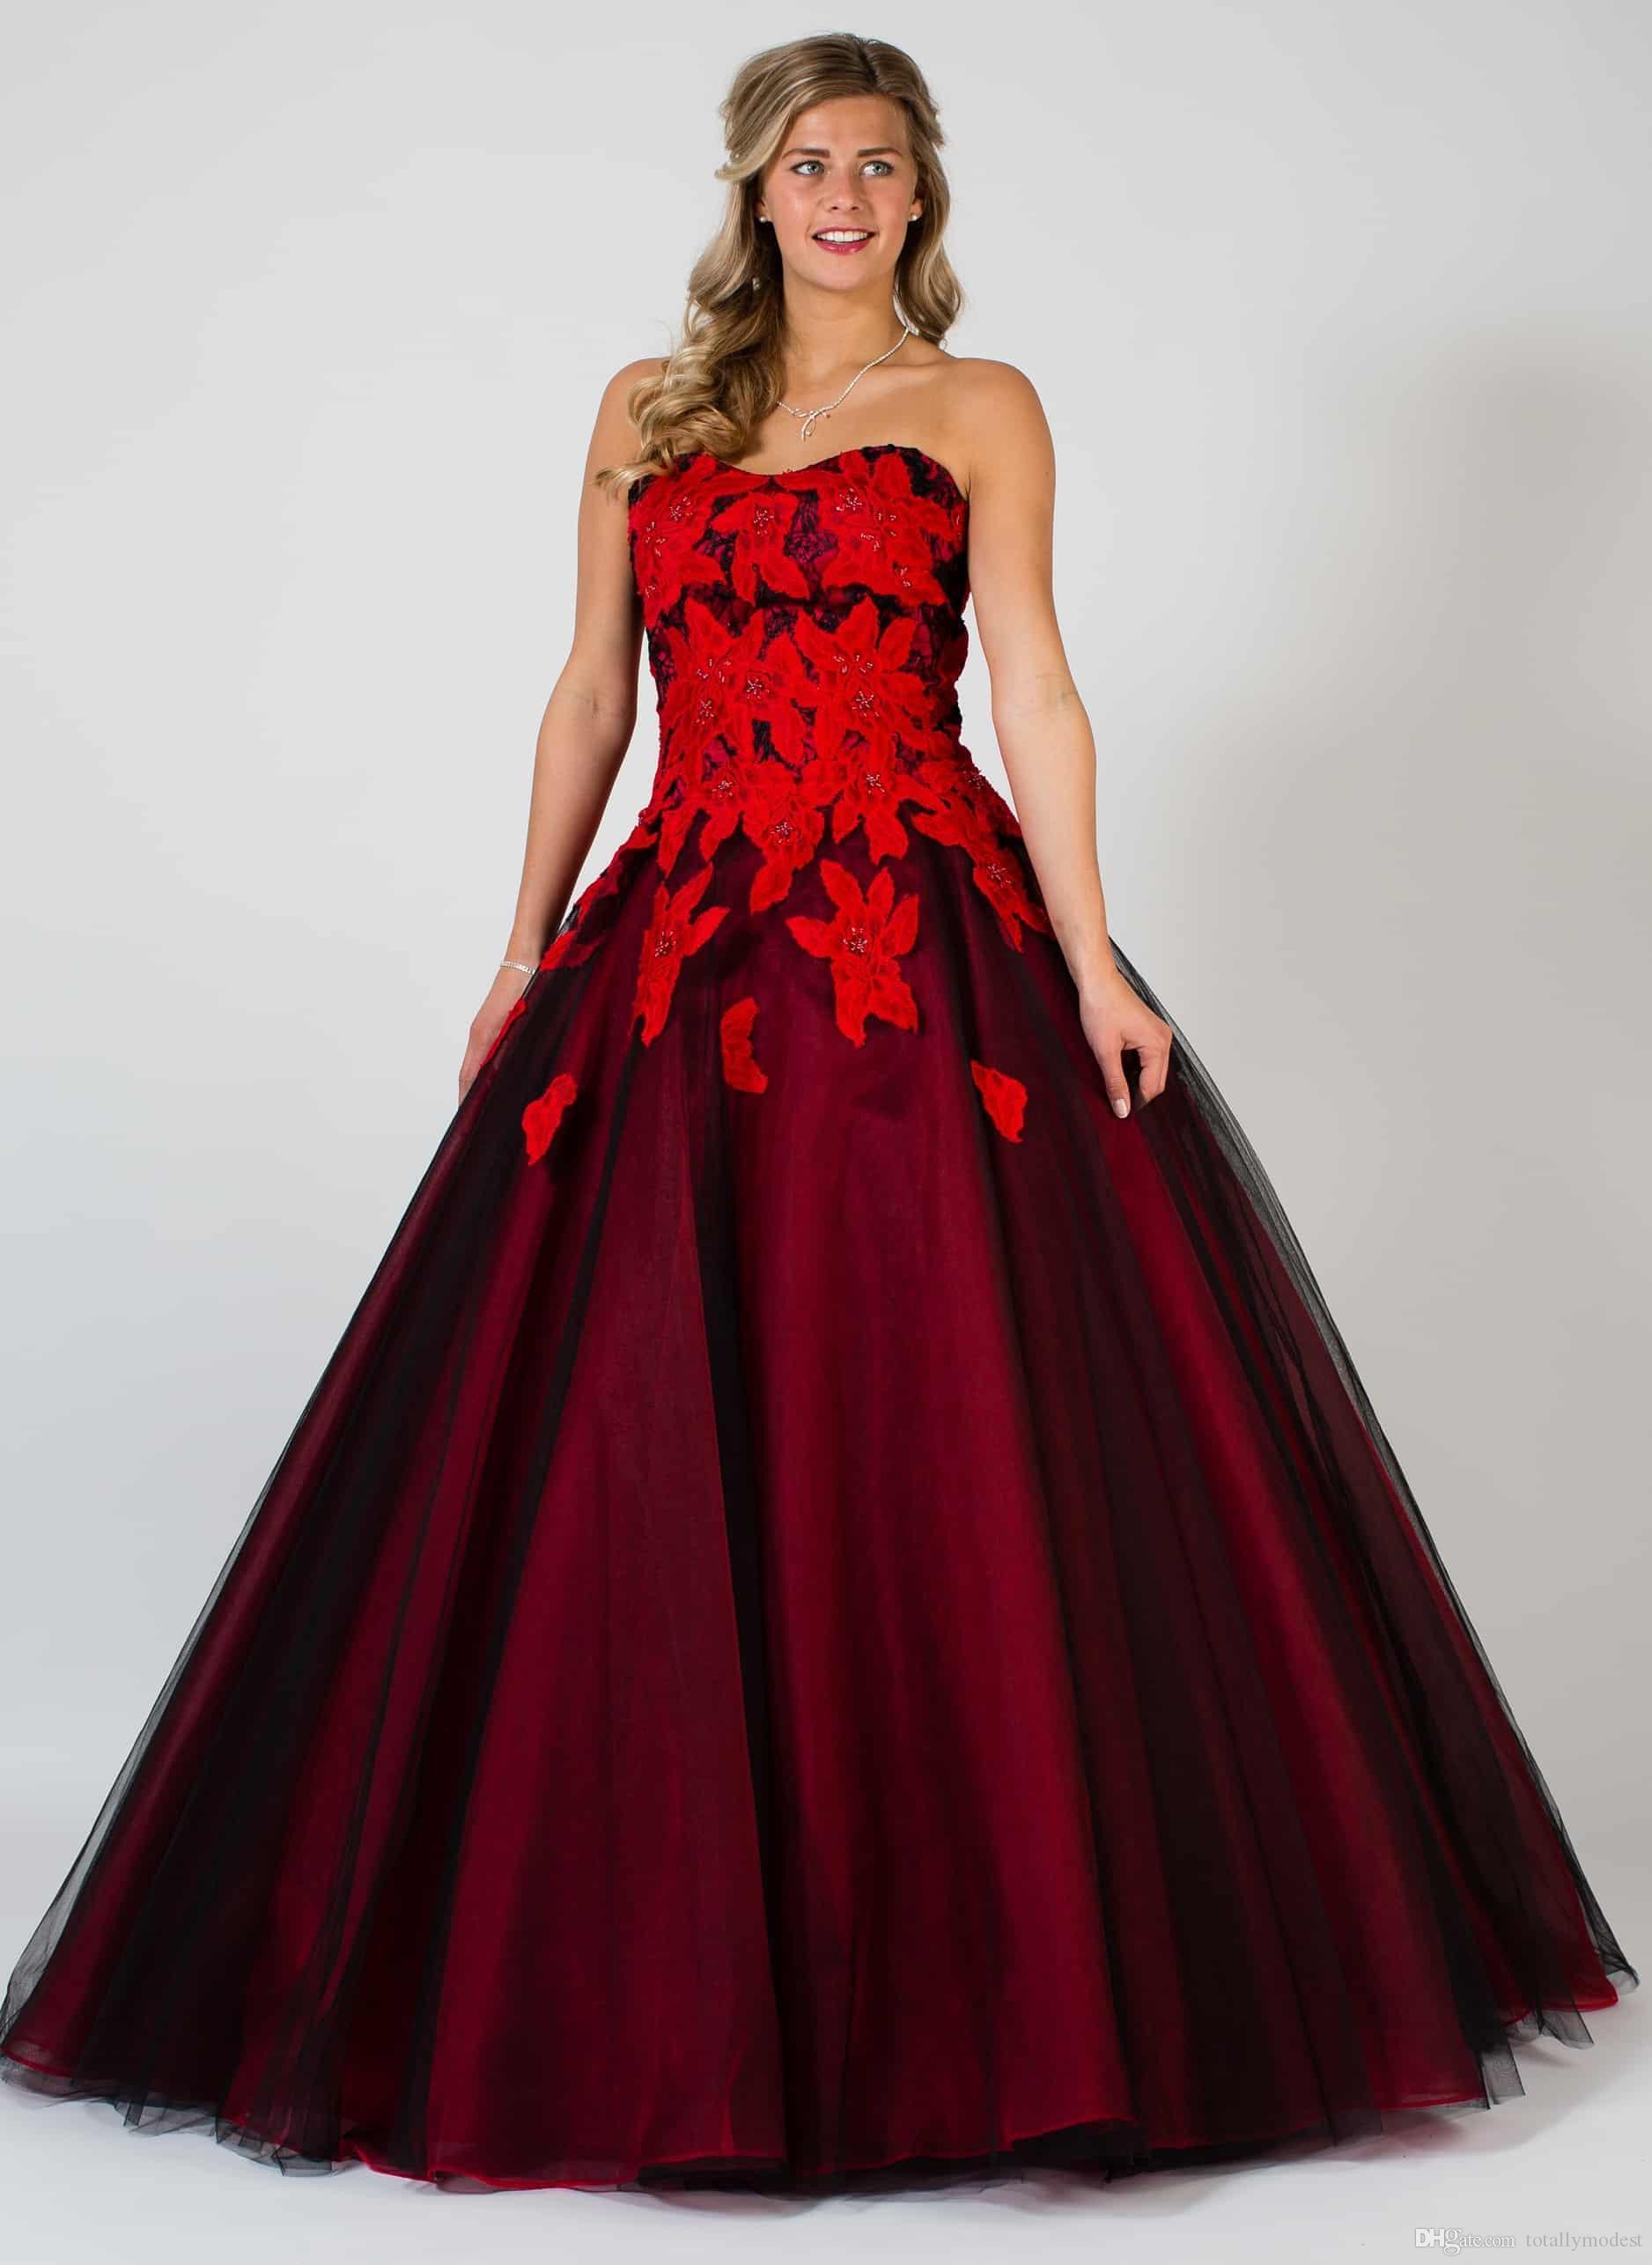 Gótico Negro y rojo una línea de vestidos de novia de novia de encaje de tul de novia vestido de novia no blanca por encargo del traje de mariée